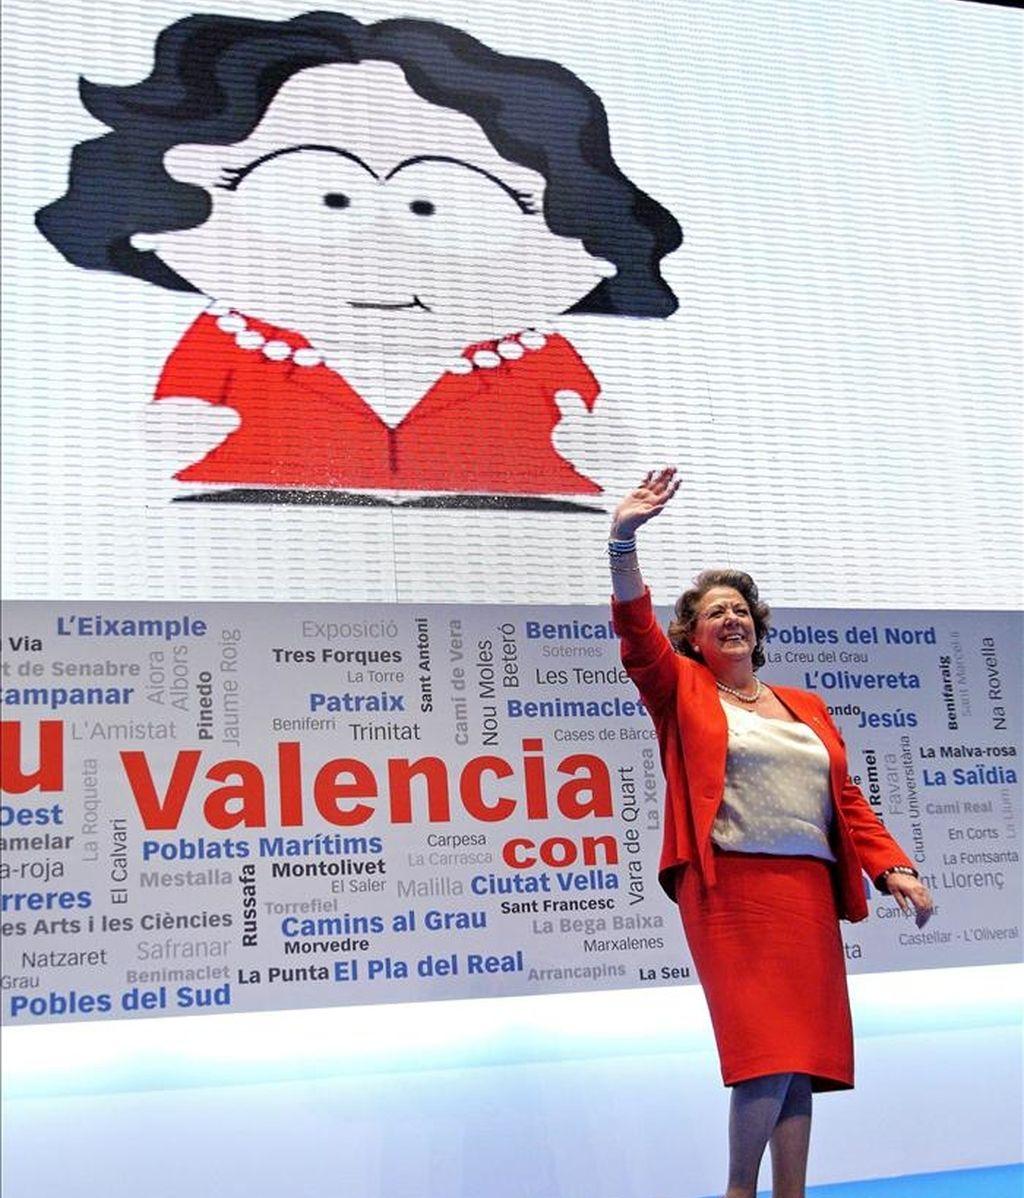 La alcaldesa de Valencia, Rita Barberá, ante una caricatura de ella durante el acto celebrado hoy en el que fue proclamada candidata del PP a la Alcaldía valenciana. EFE